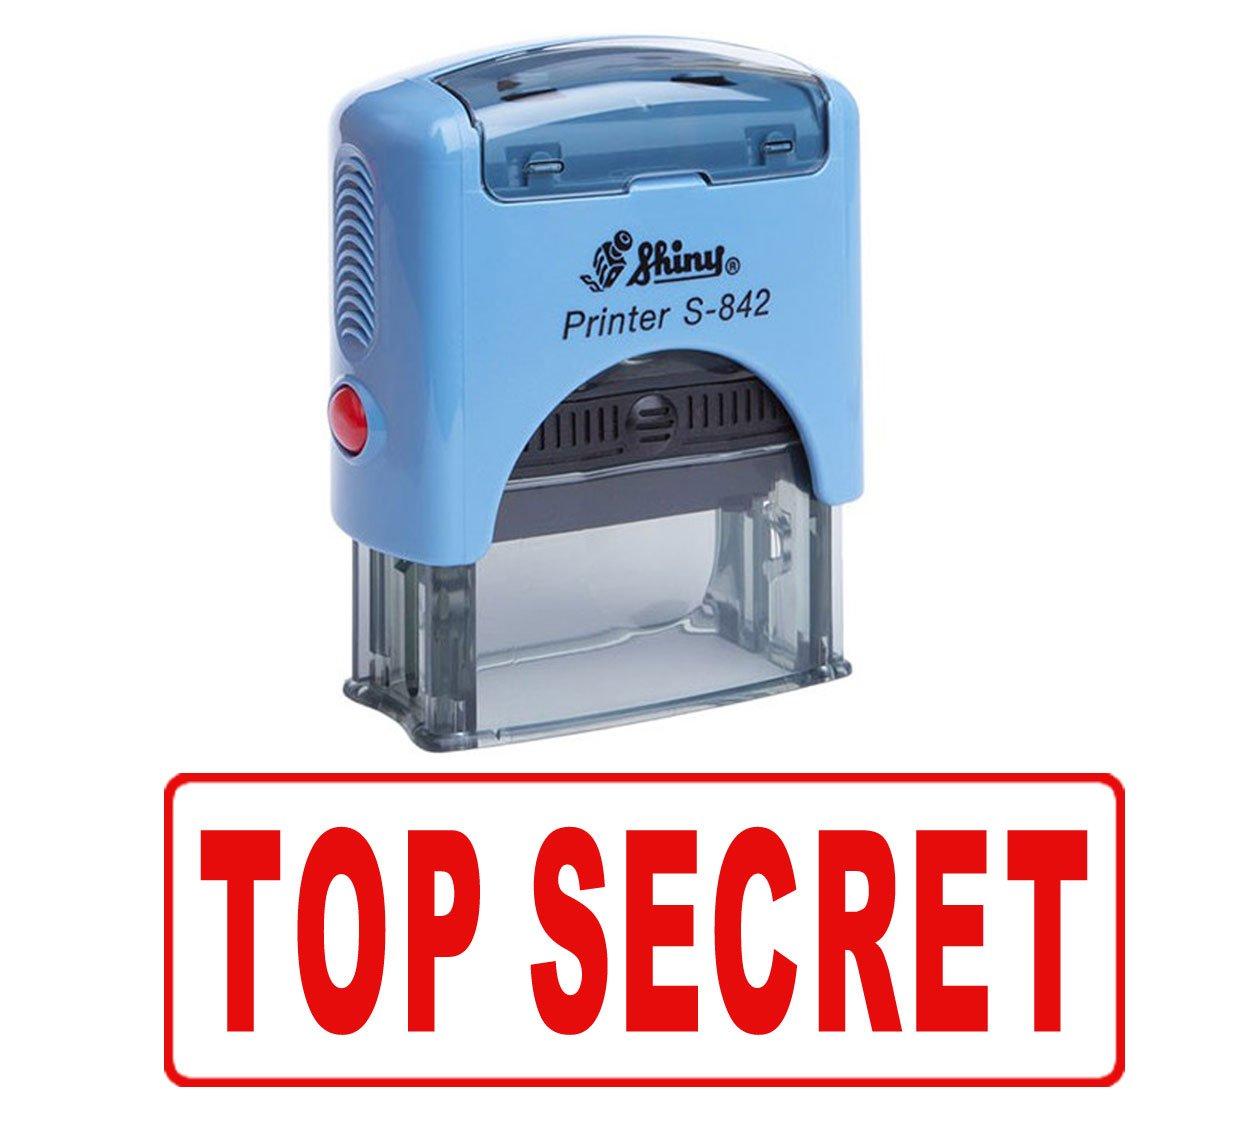 Printtoo TOP SECRET timbro di gomma timbro dellufficio inchiostrazione personalizzato lucido stazionario